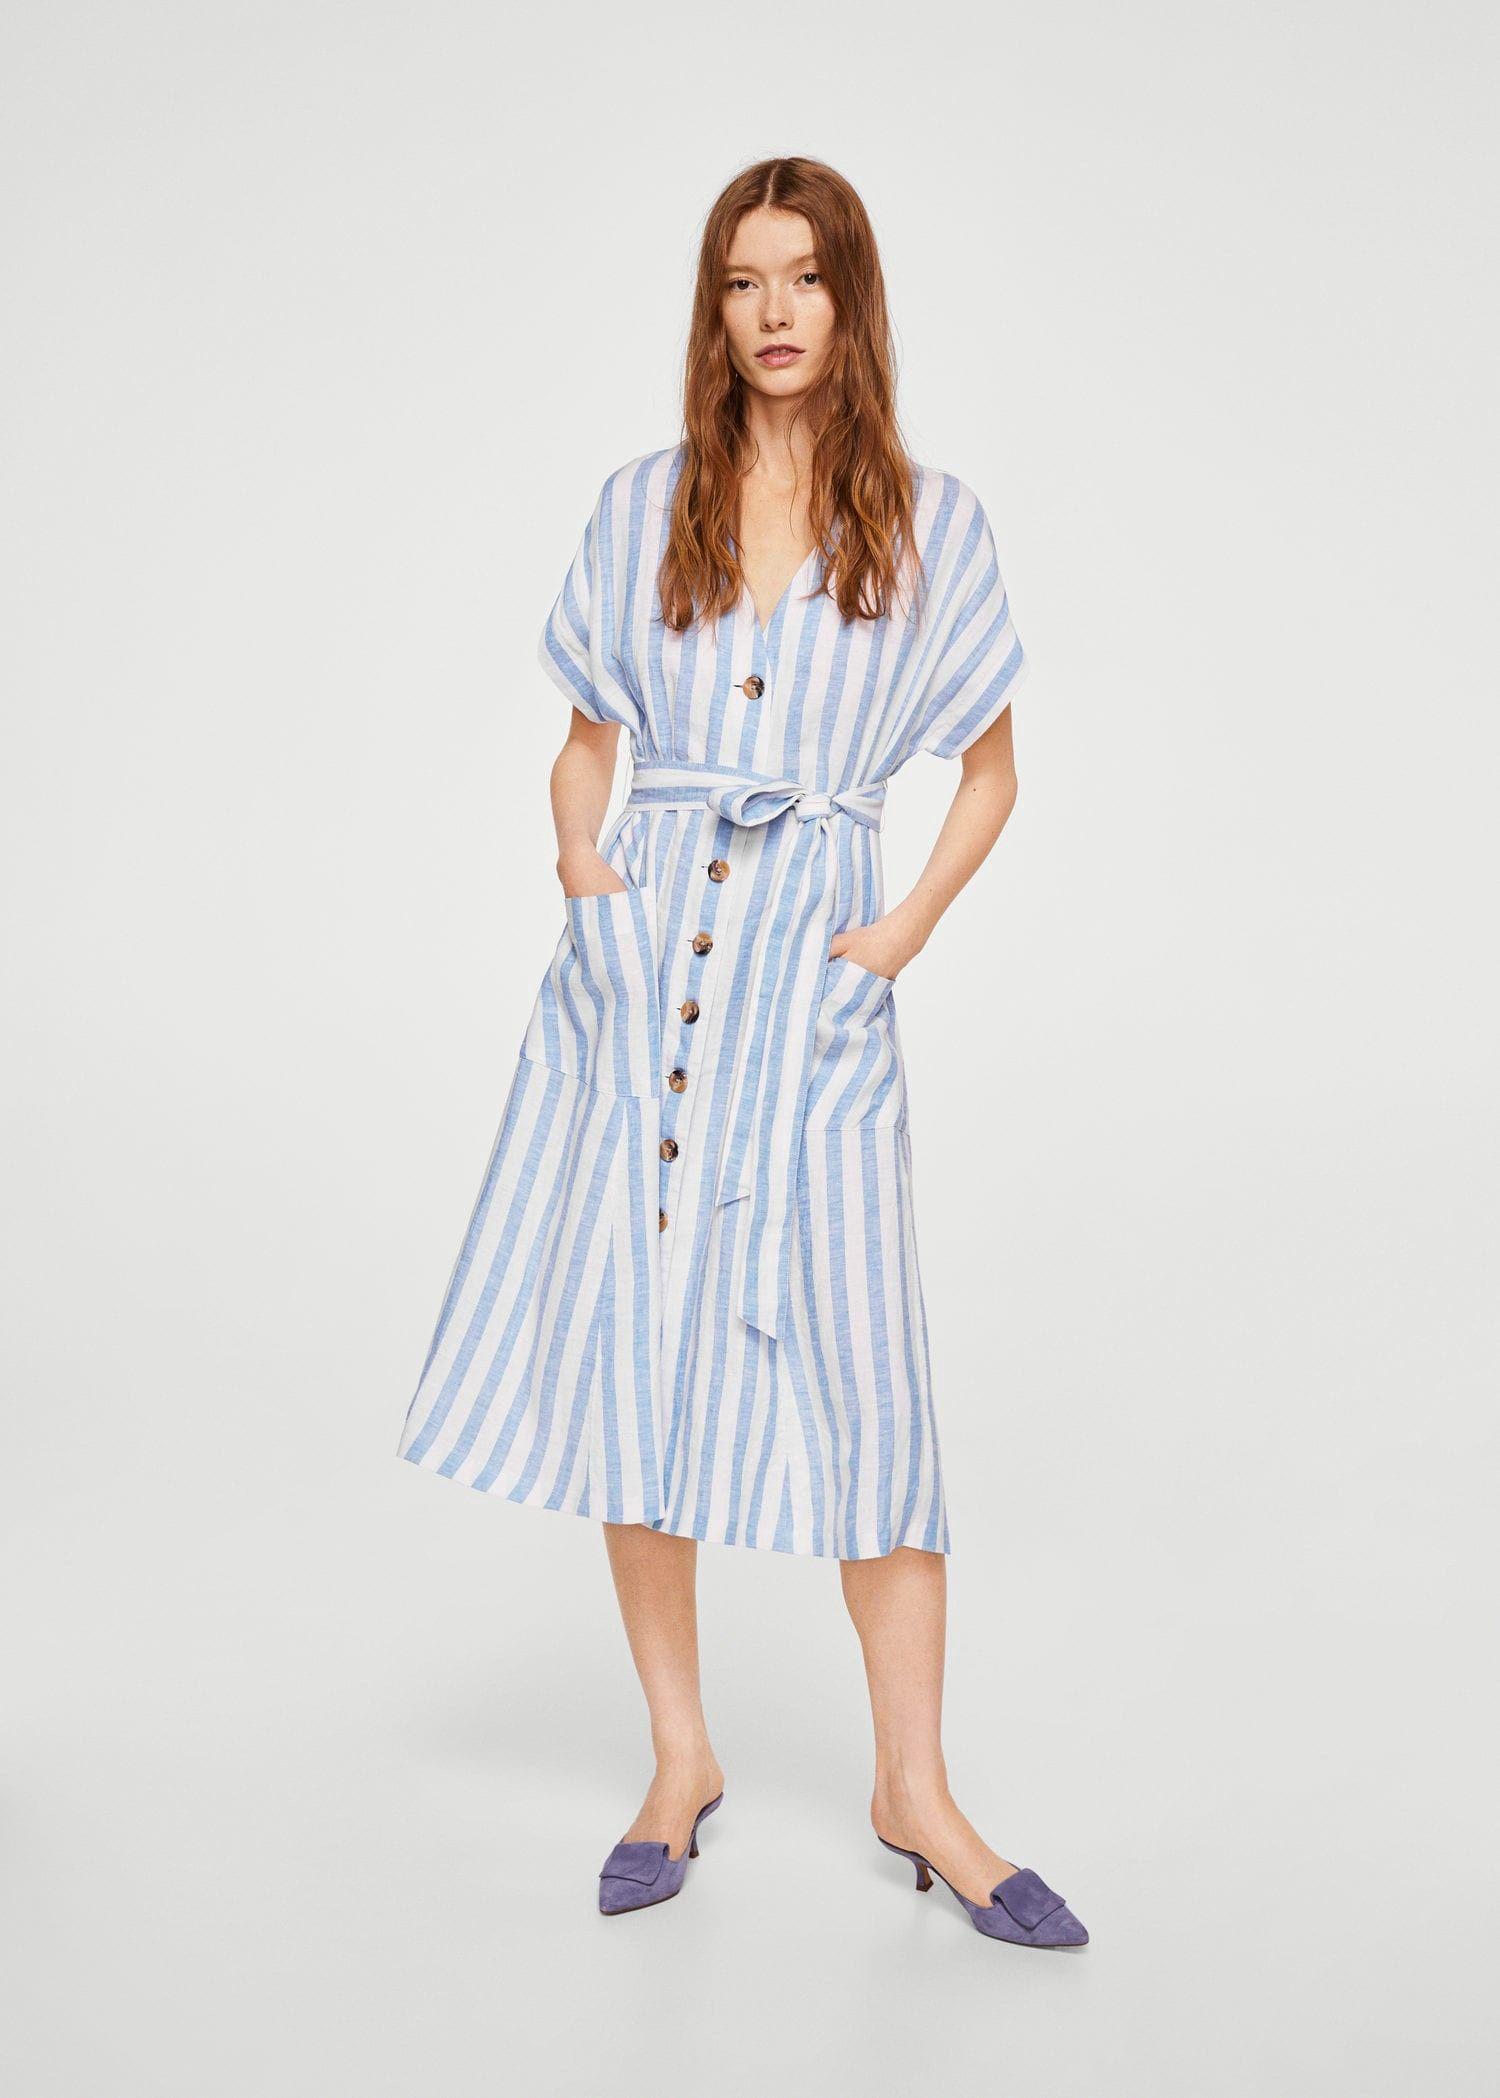 Mango Striped Linen Dress Women | 2 | Linen dress women